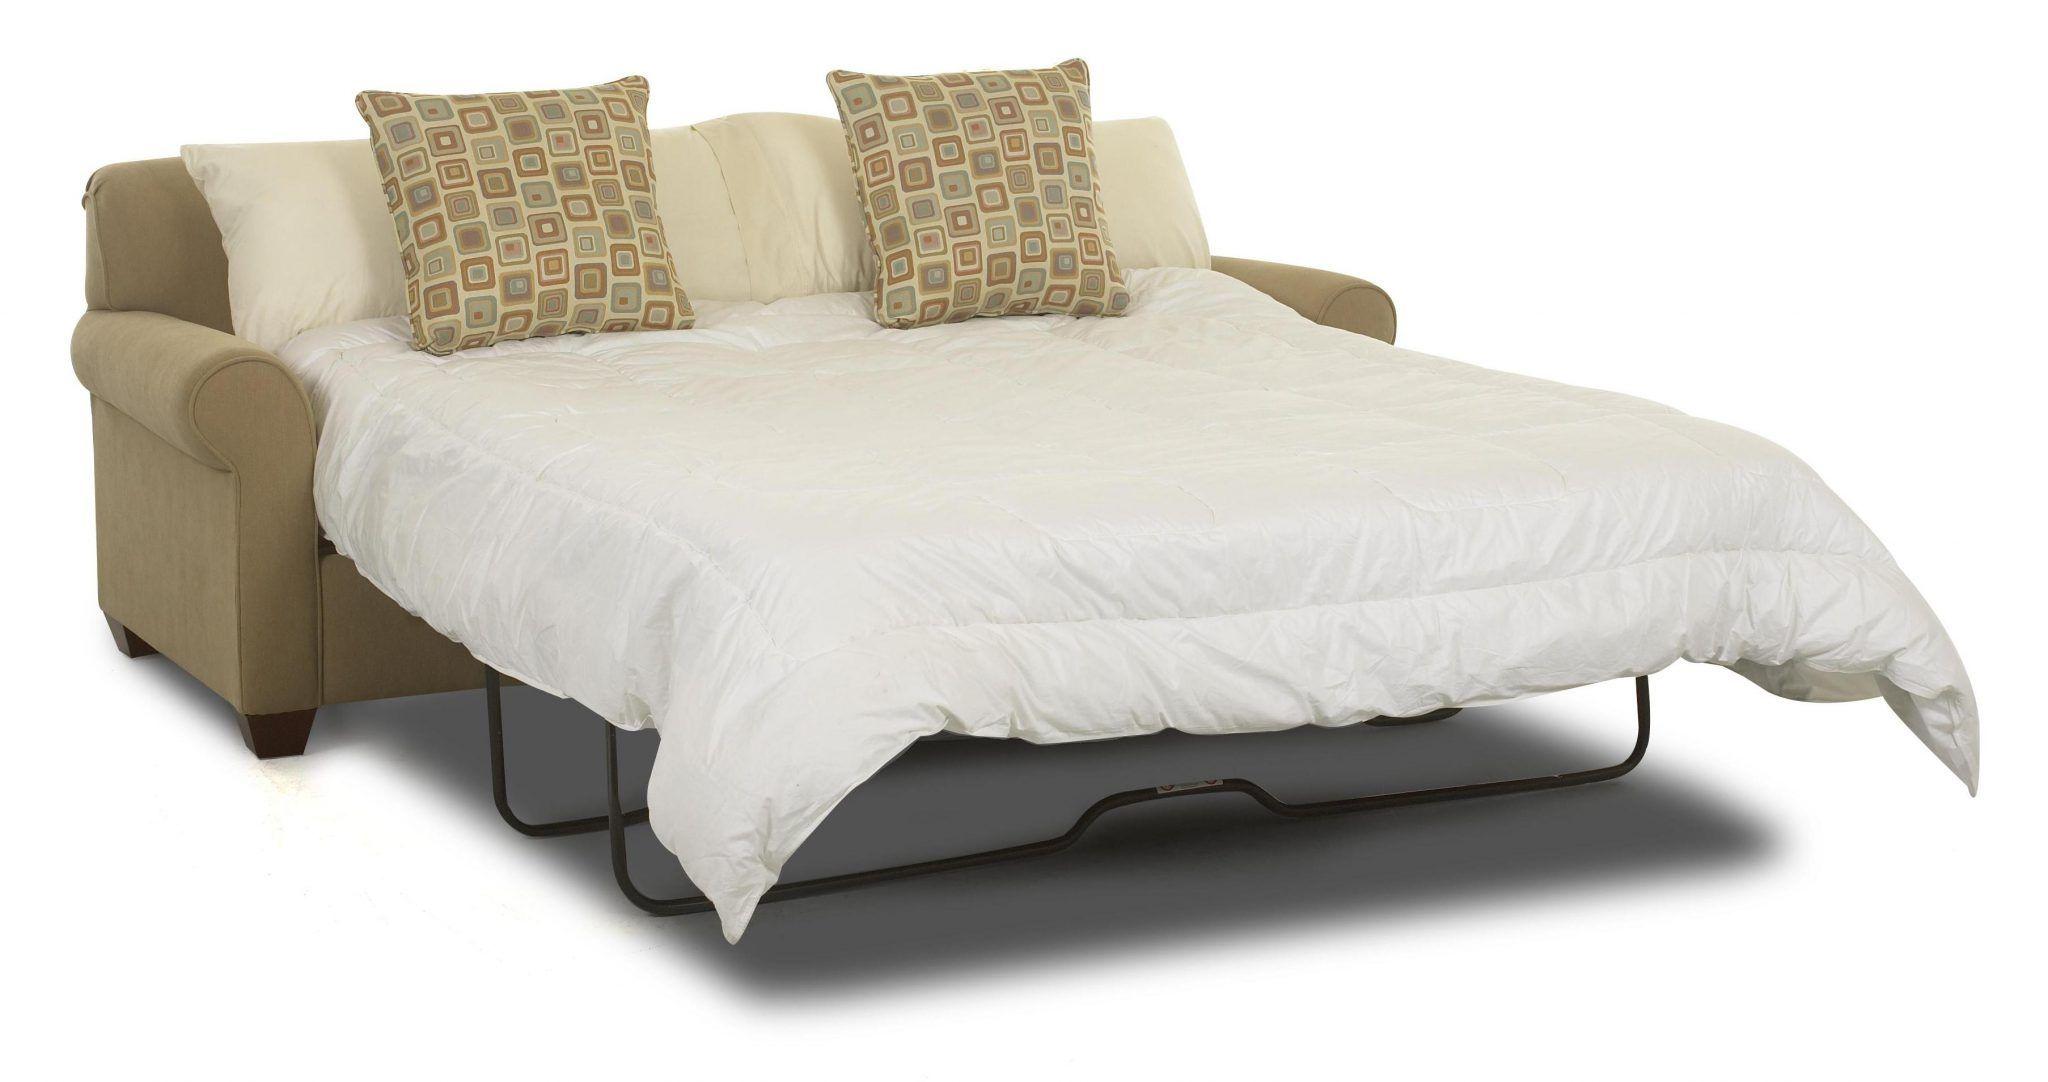 Wonderful Sleeper Sofas Ideen Verstecken Gemütliche Möbel